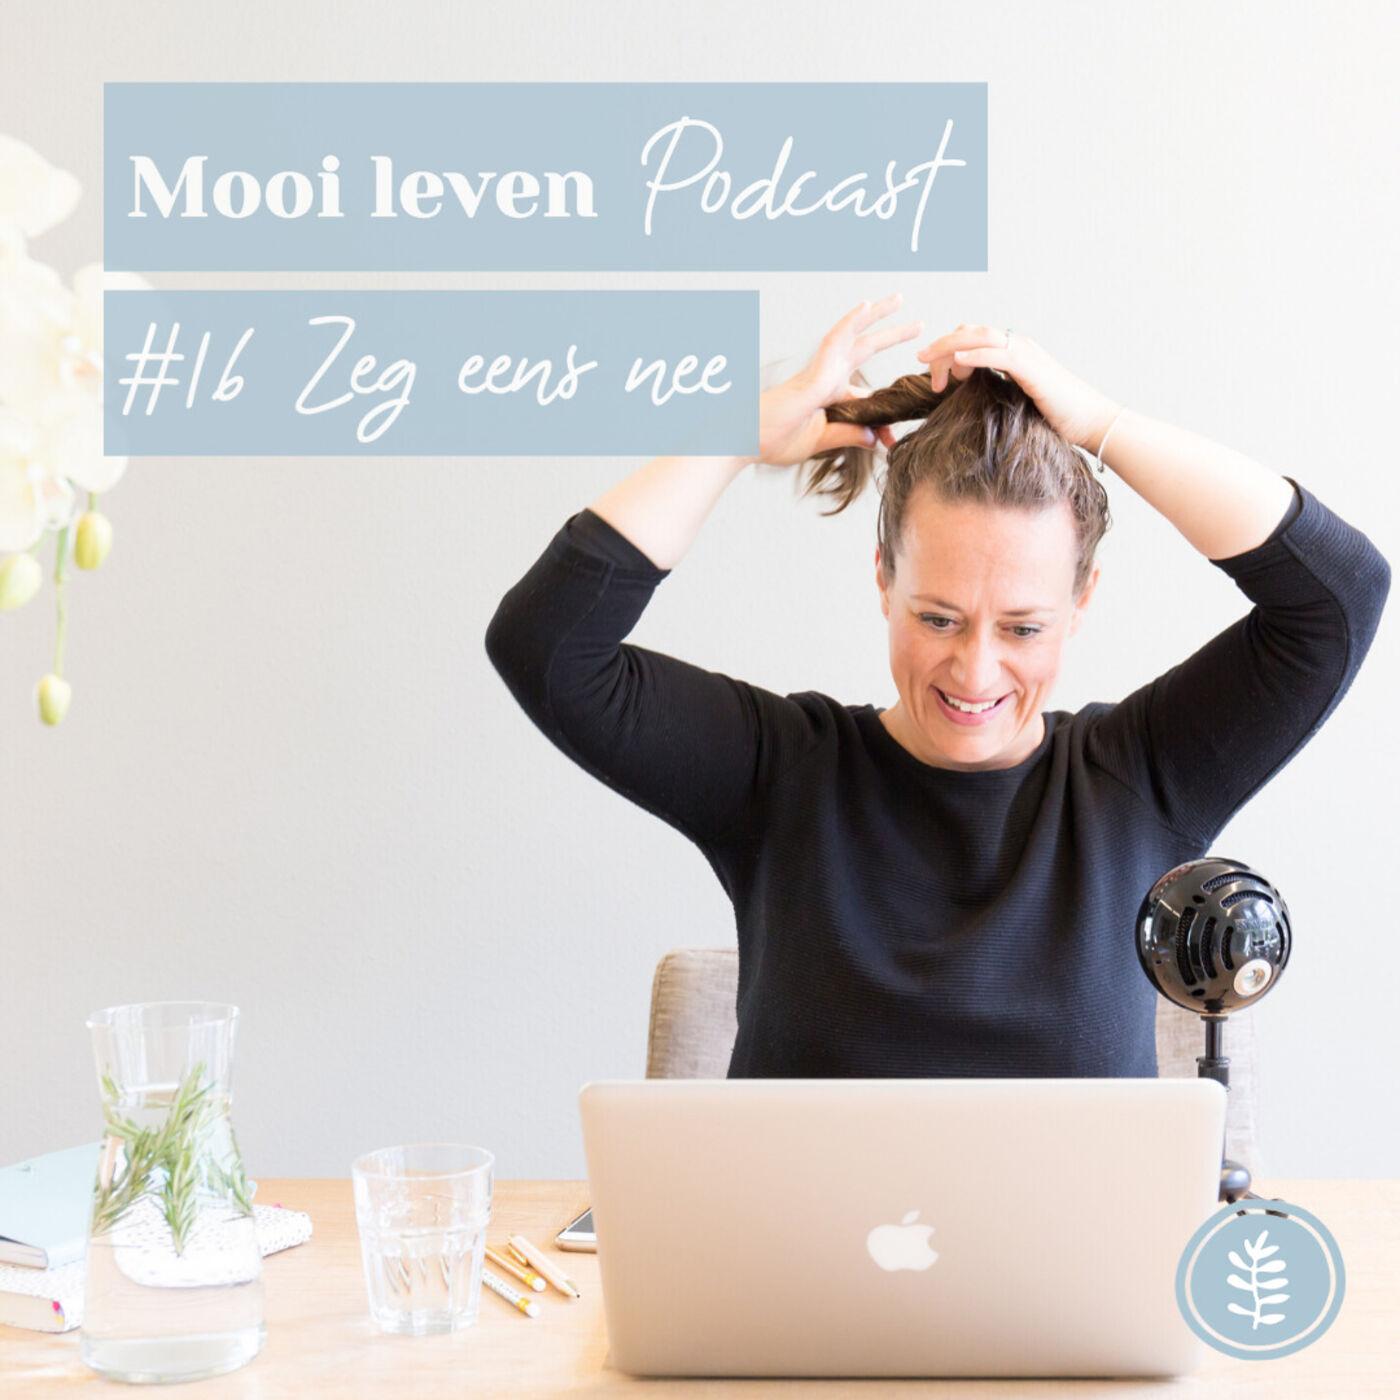 Mooi Leven Podcast #16 | Zeg eens nee